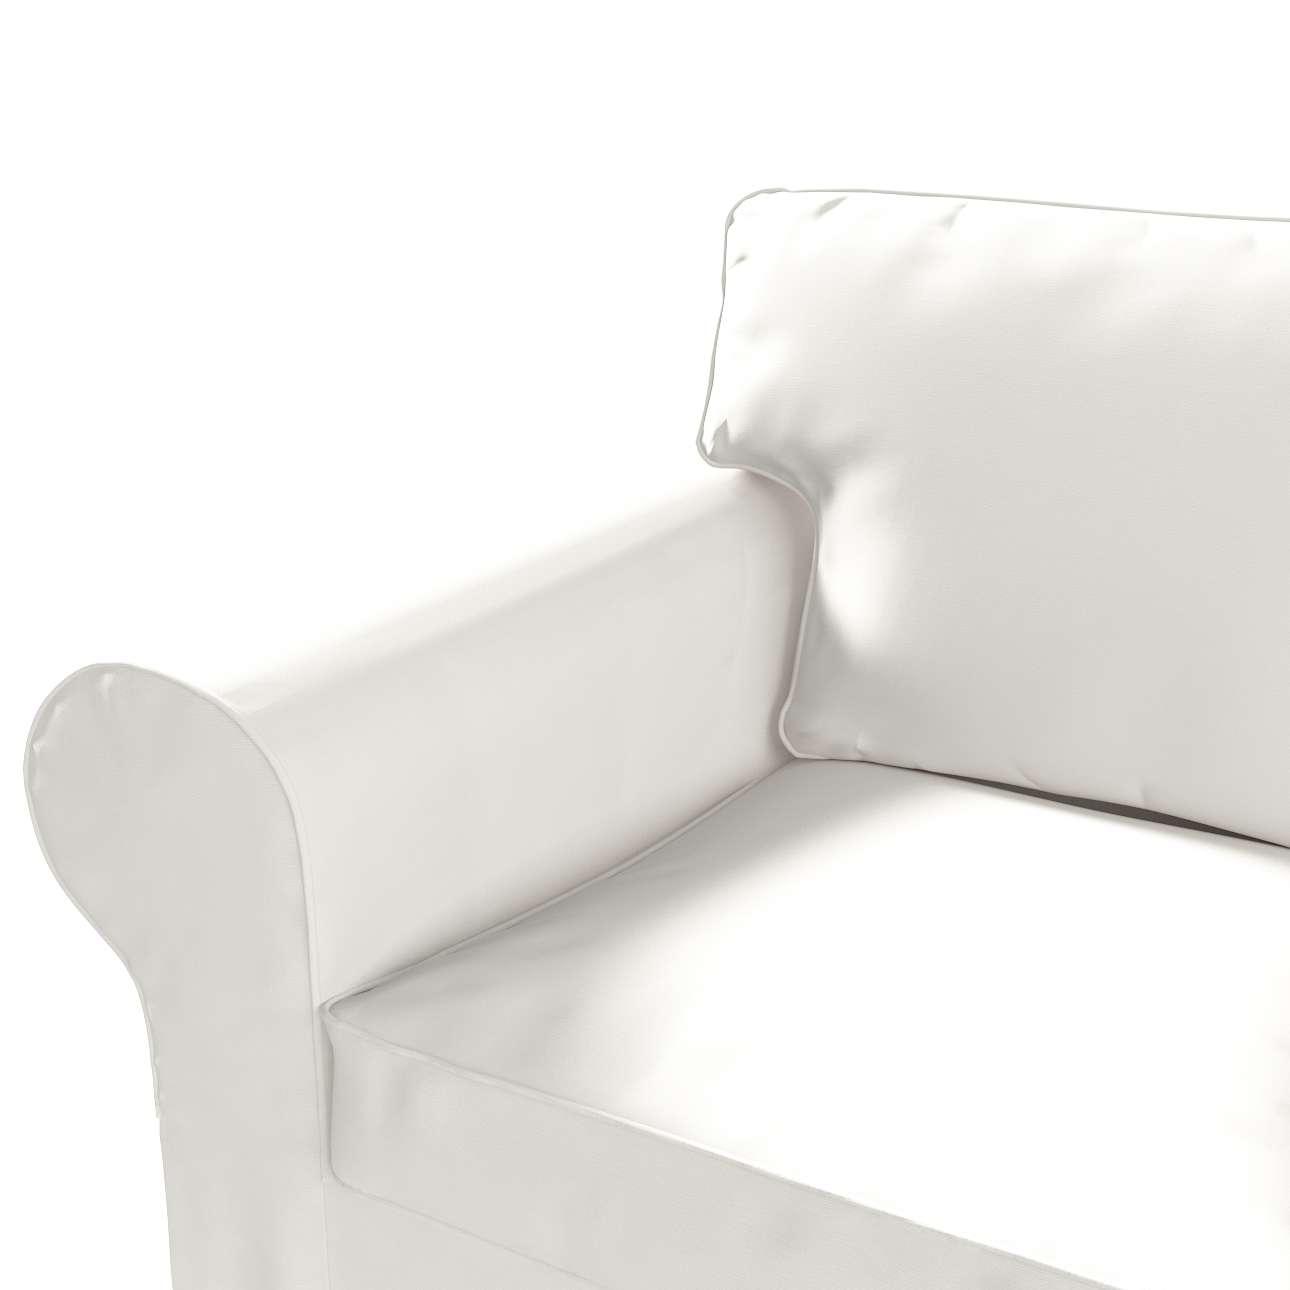 Pokrowiec na sofę Ektorp 3-osobową, rozkładaną STARY MODEL Sofa Ektorp 3-osobowa rozkładana w kolekcji Cotton Panama, tkanina: 702-34